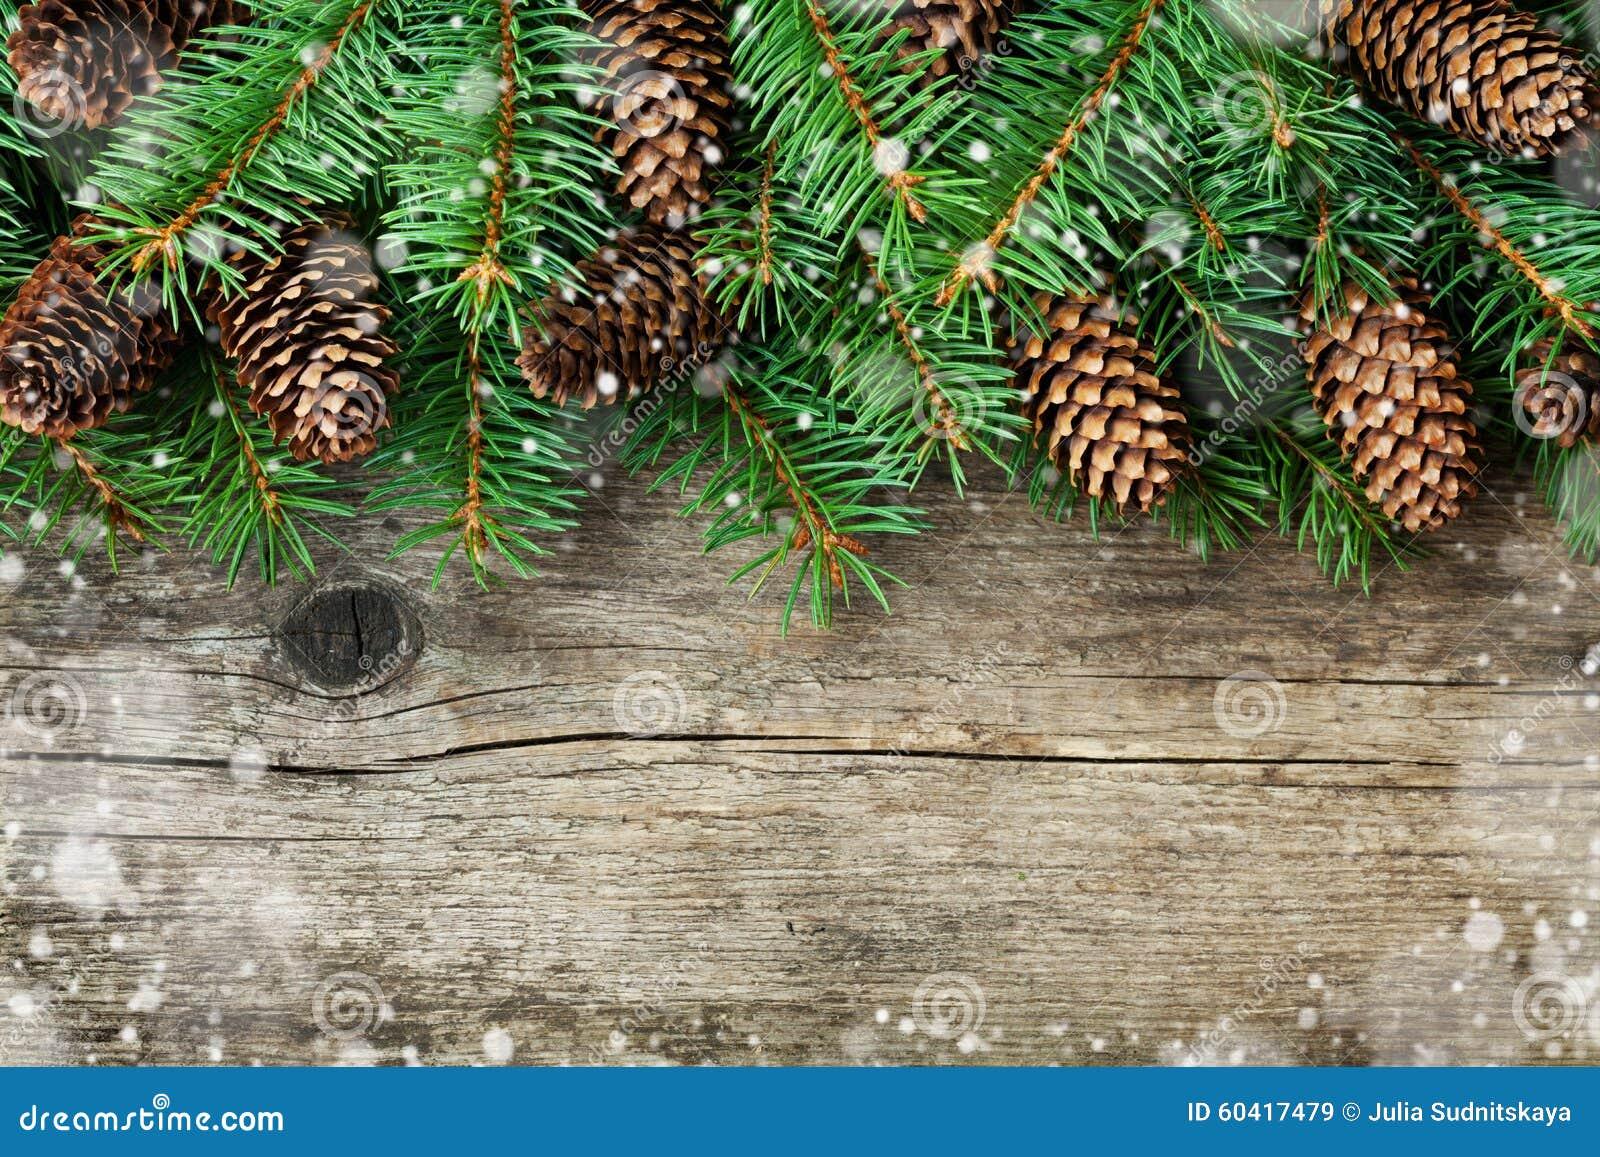 杉树和针叶树锥体的圣诞节装饰在织地不很细木背景,不可思议的雪作用